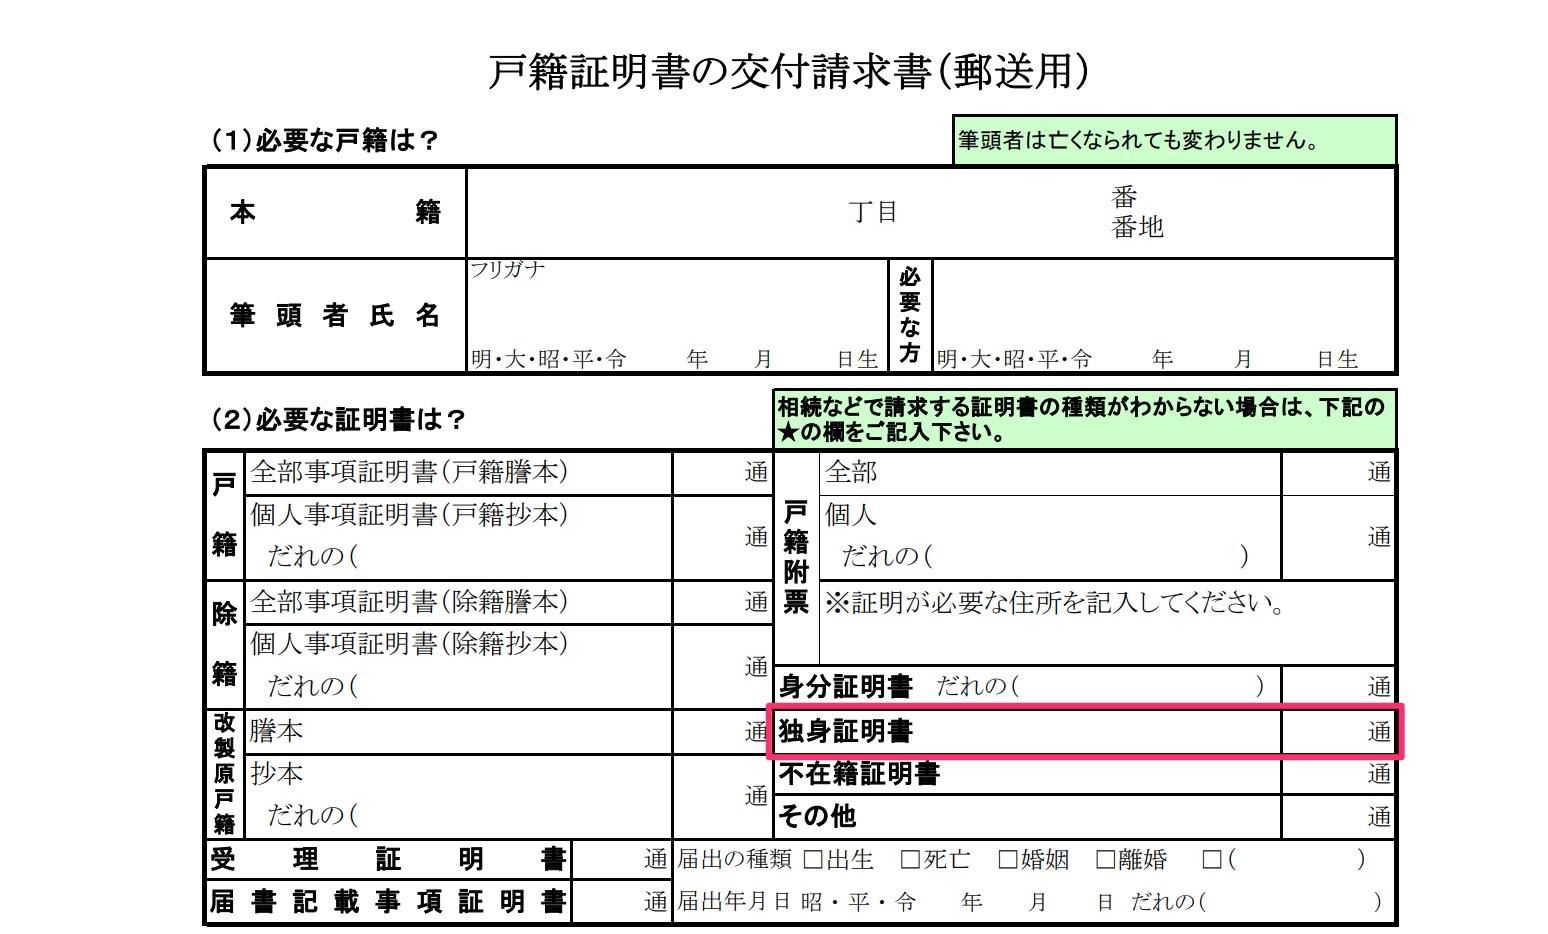 独身証明書の申請書の例(東京都北区)